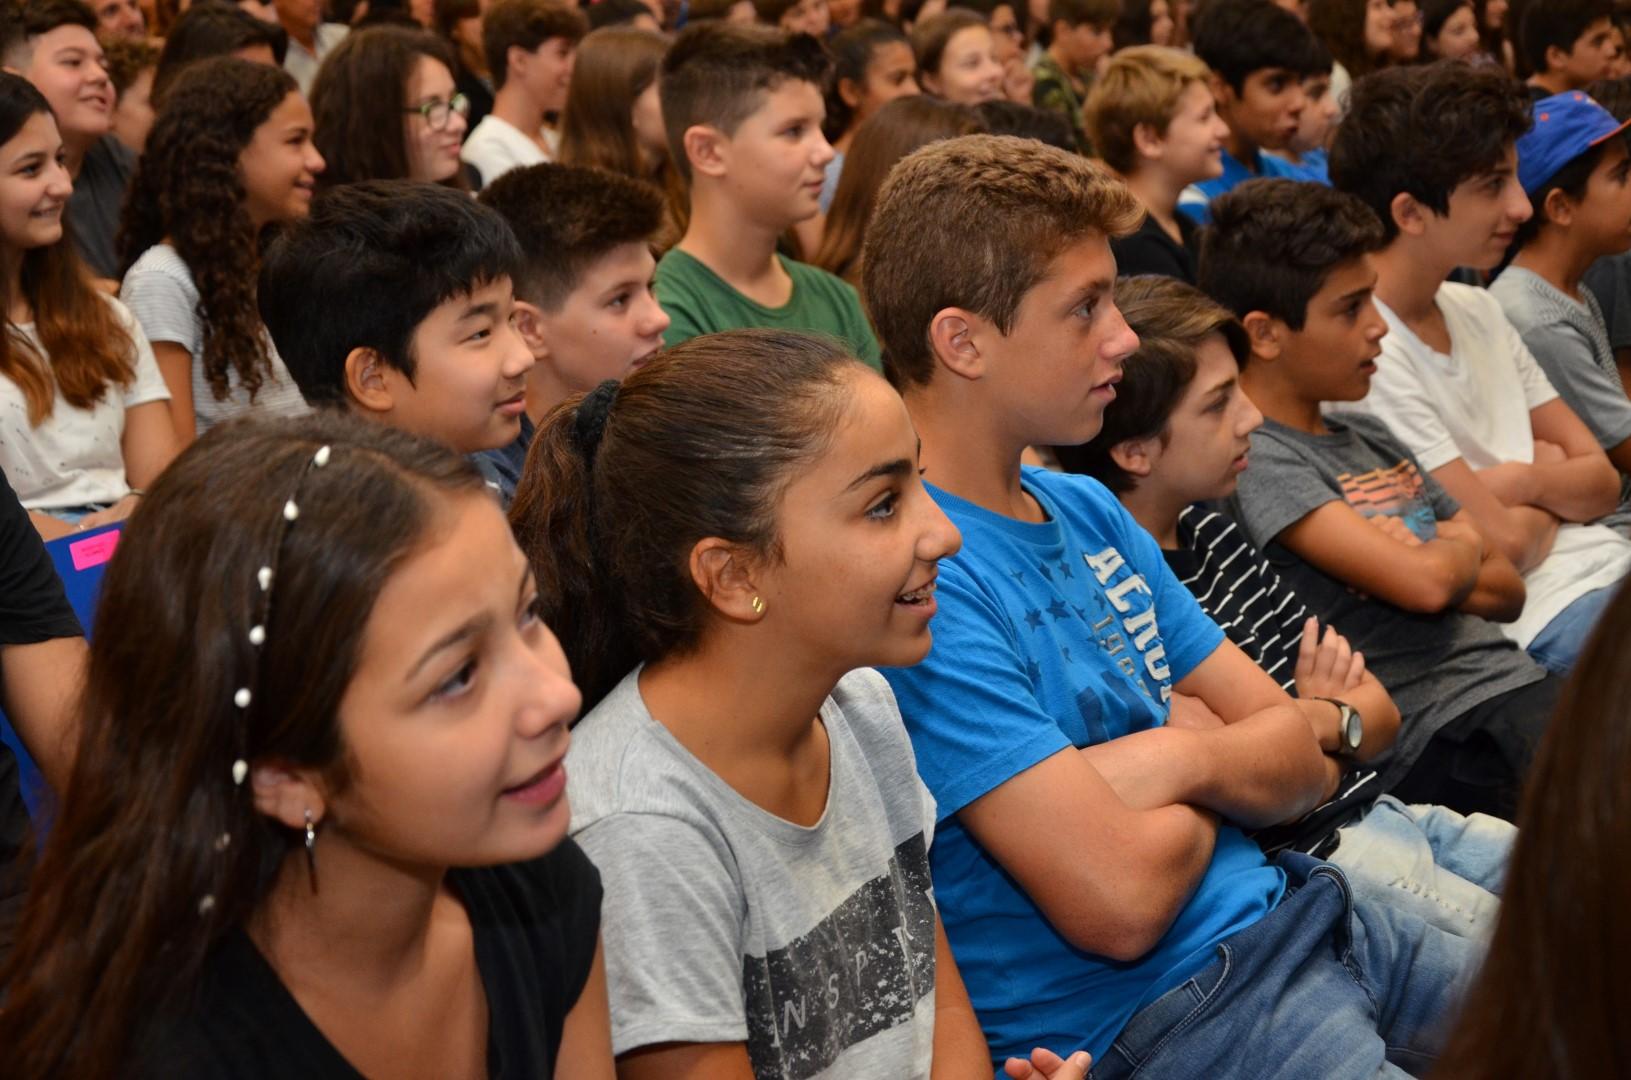 Comenzó el ciclo lectivo 2018 de la Escuela Secundaria con nuevos proyectos y muchas expectativas